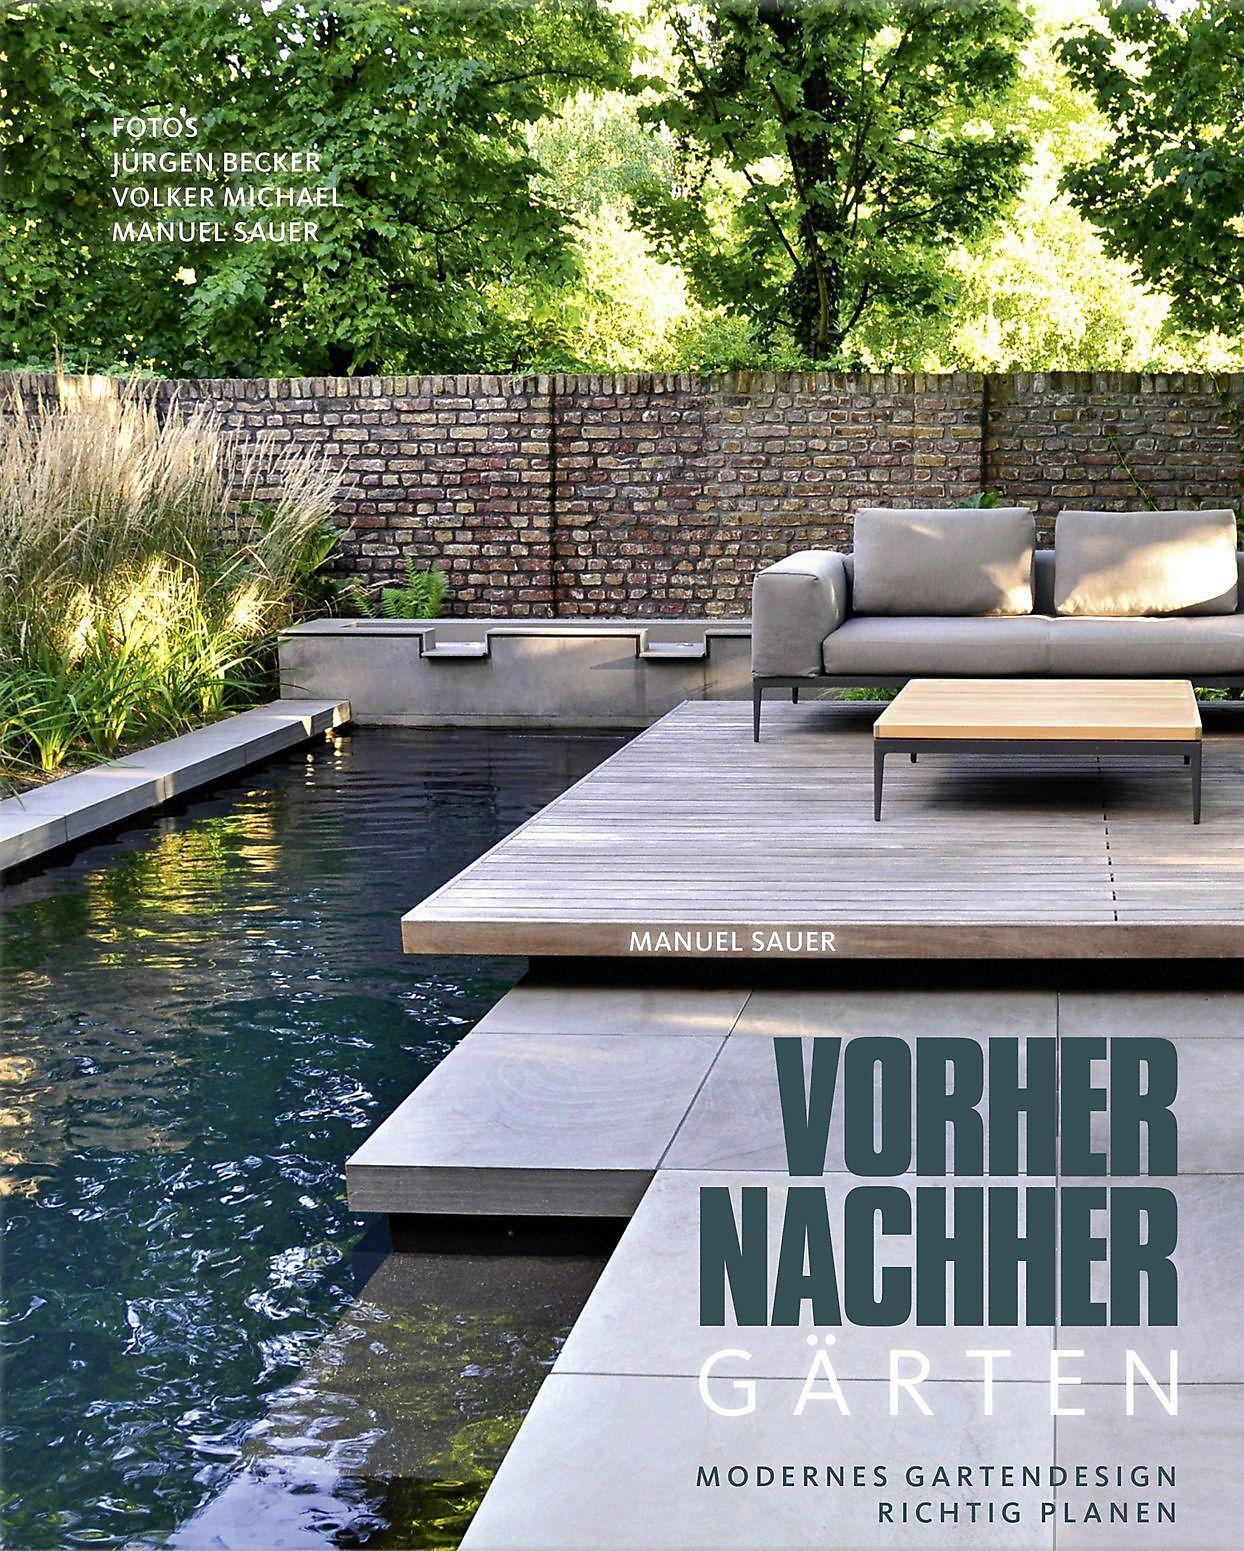 Vorher-nachher-Gärten Buch Von Manuel Sauer Portofrei